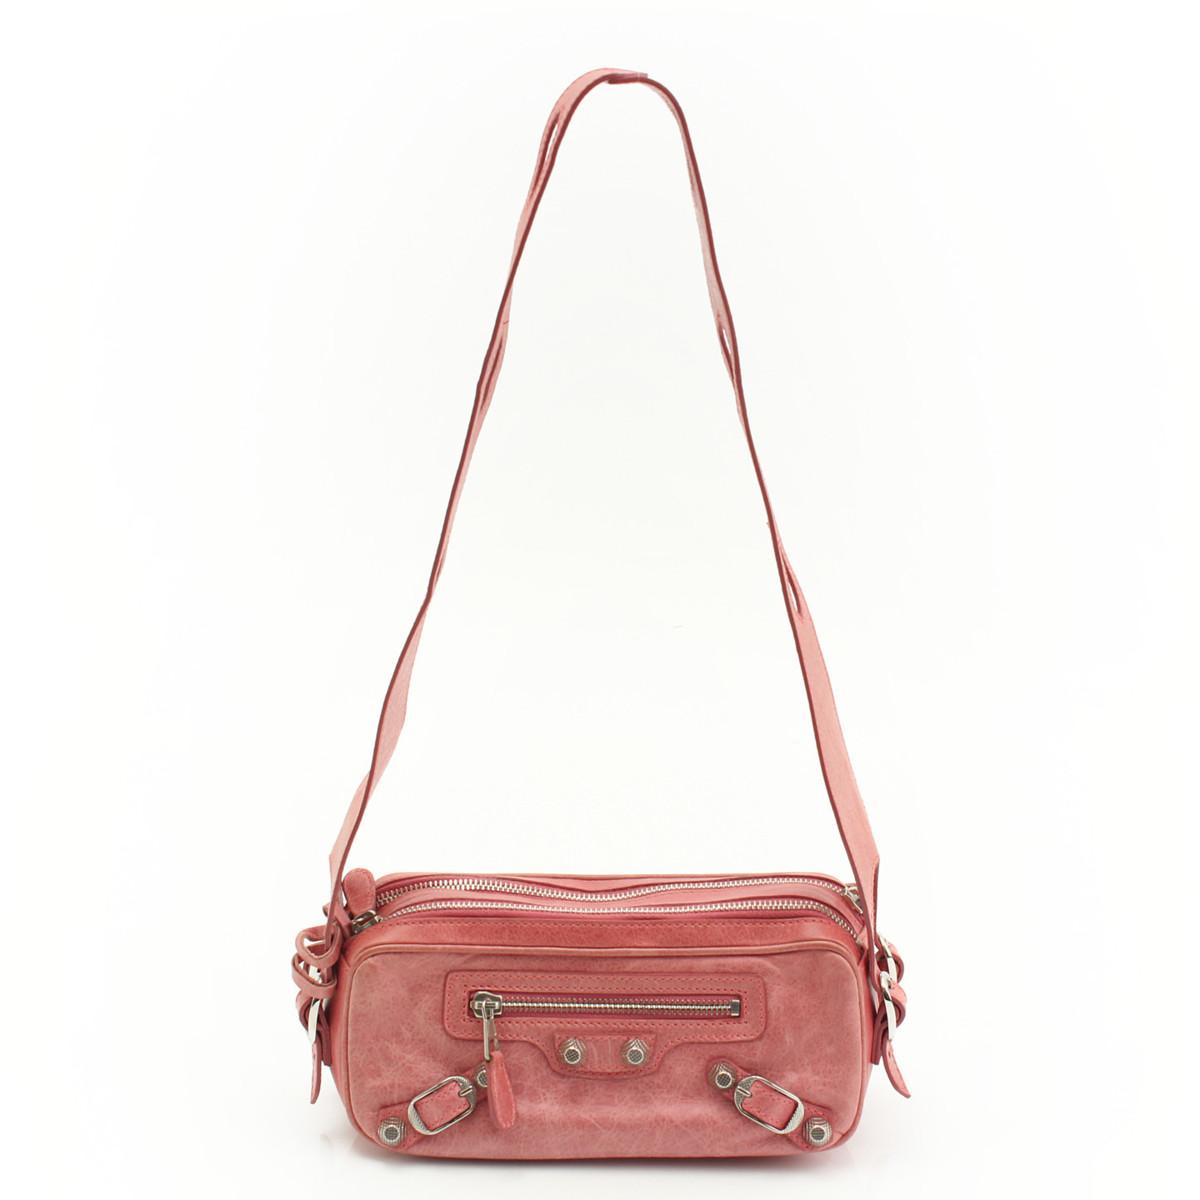 【バレンシアガ】Balenciaga ジャイアント シック レザー ショルダーバッグ 203221 ピンク 【中古】【鑑定済・正規品保証】30975